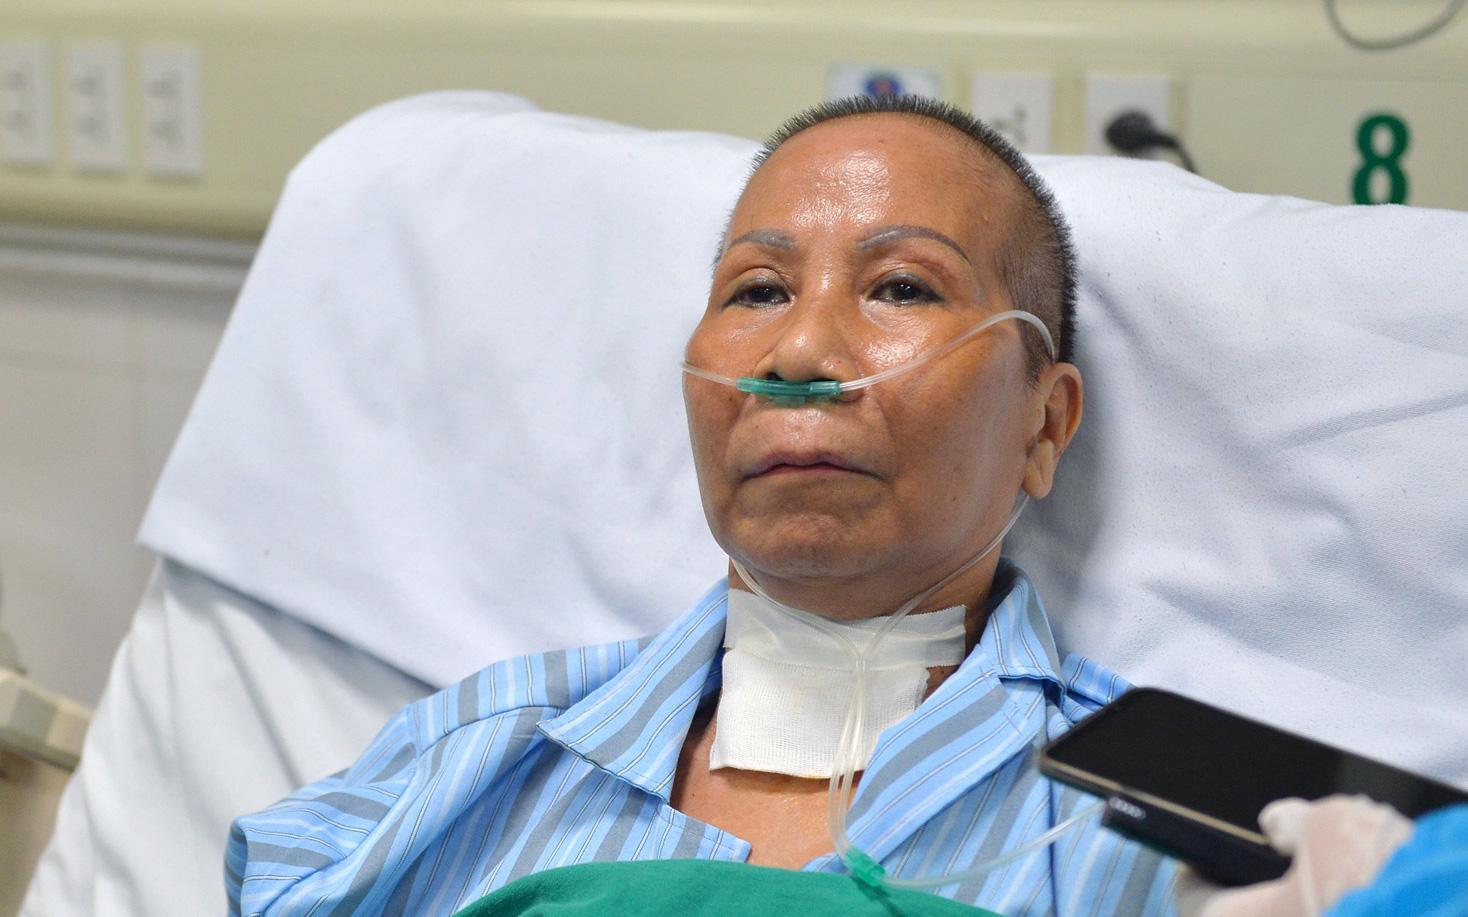 Đêm cứu sống bác gái bệnh nhân 17 khỏi